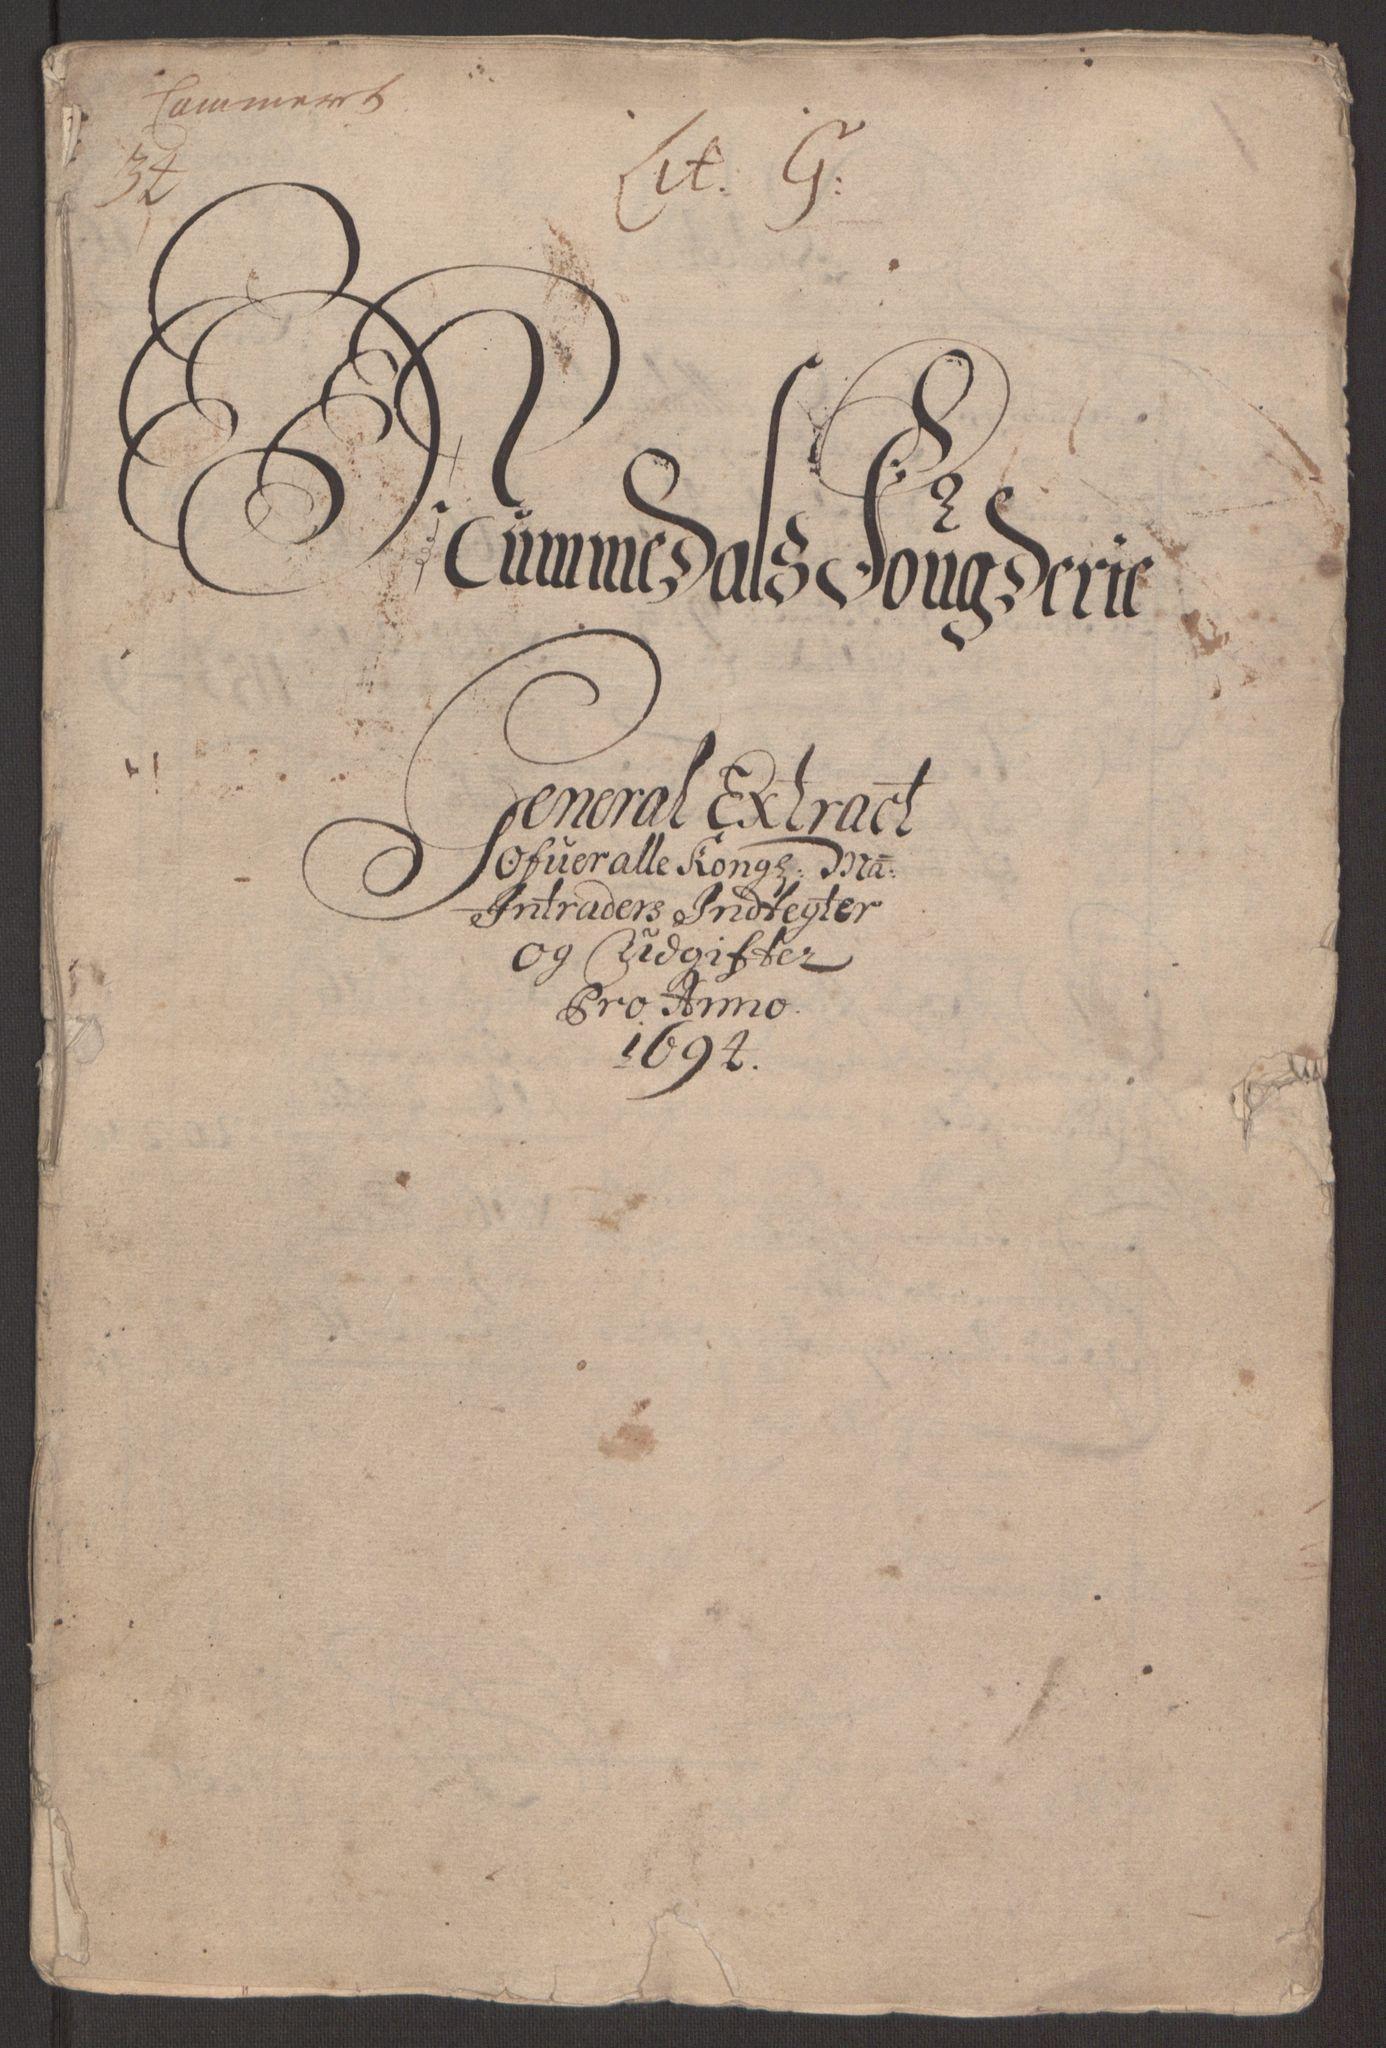 RA, Rentekammeret inntil 1814, Reviderte regnskaper, Fogderegnskap, R64/L4424: Fogderegnskap Namdal, 1692-1695, s. 332